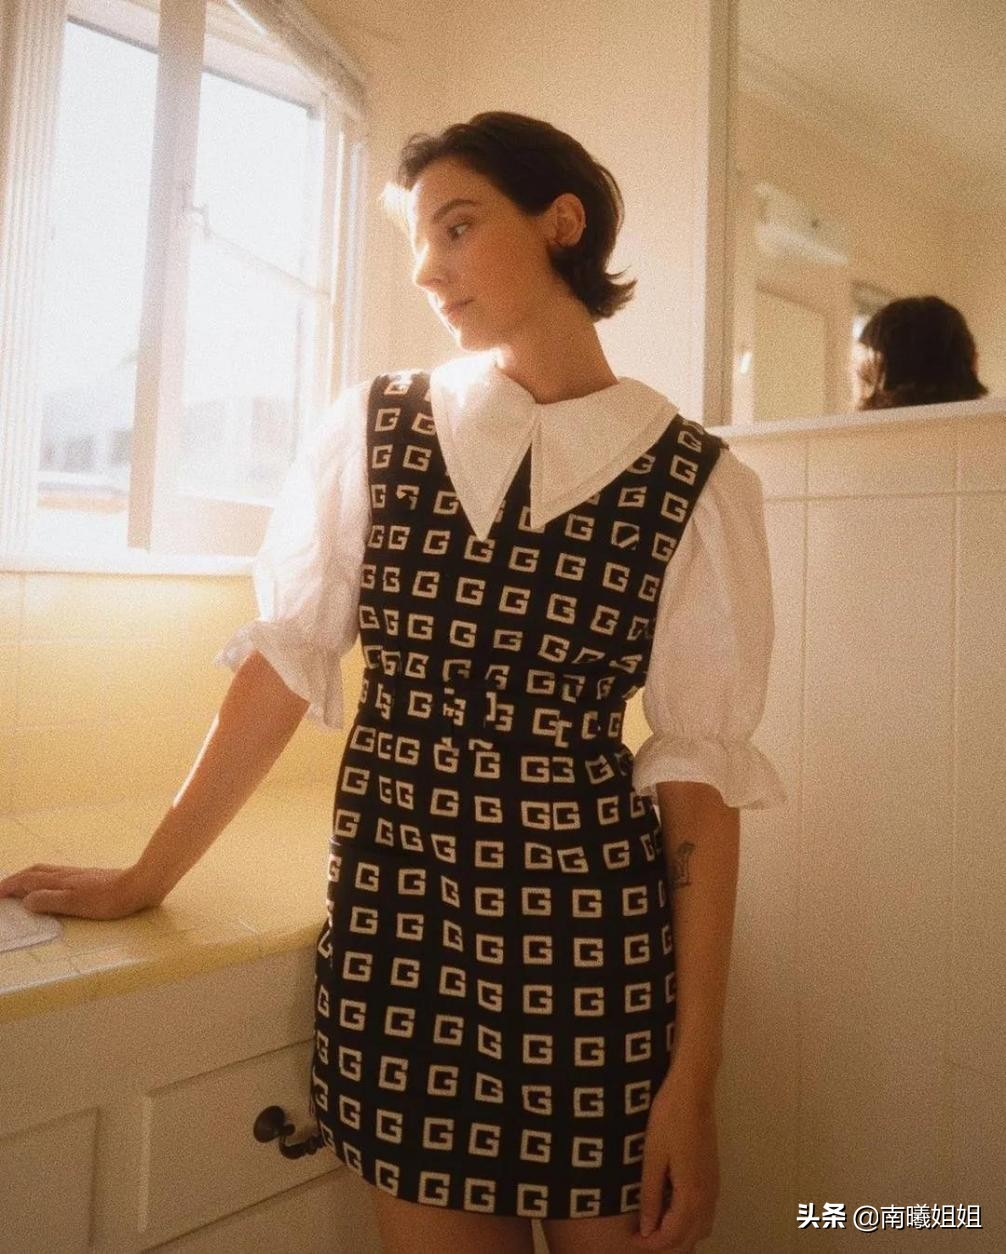 """这才是50岁女人该有的打扮,拒绝""""扮嫩"""",简单高级的气质才更美"""